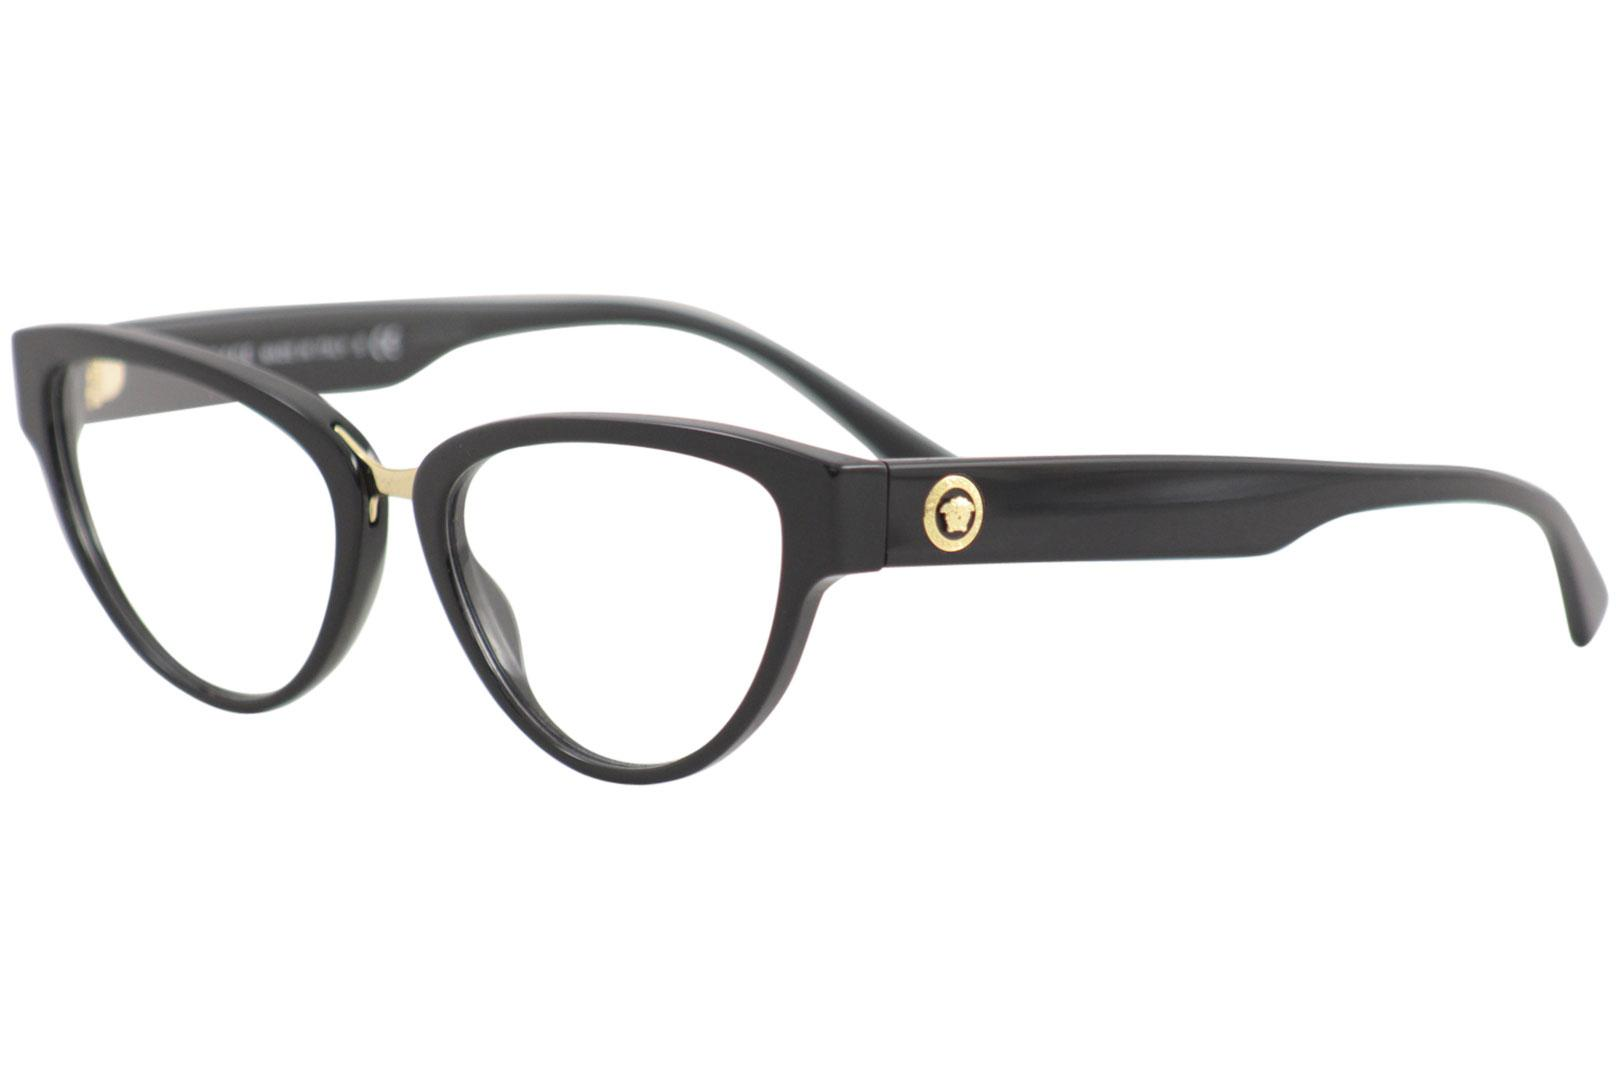 9f6cf73b8ec Versace Women s Eyeglasses VE3267 VE 3267 Full Rim Optical Frame